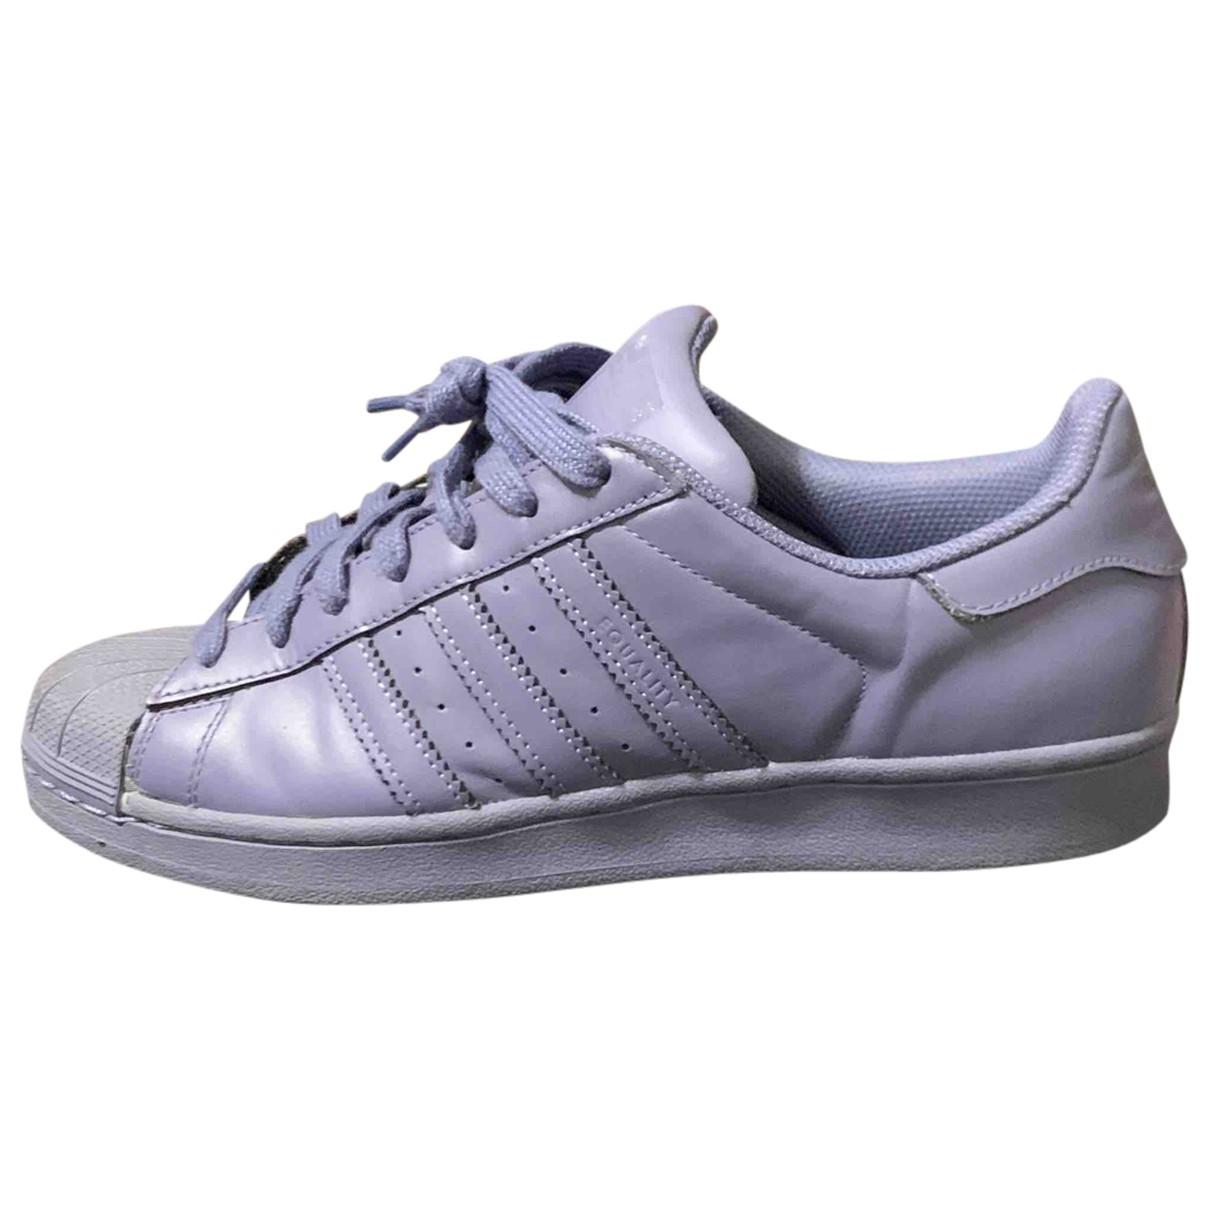 Adidas X Pharrell Williams - Baskets   pour homme en caoutchouc - gris